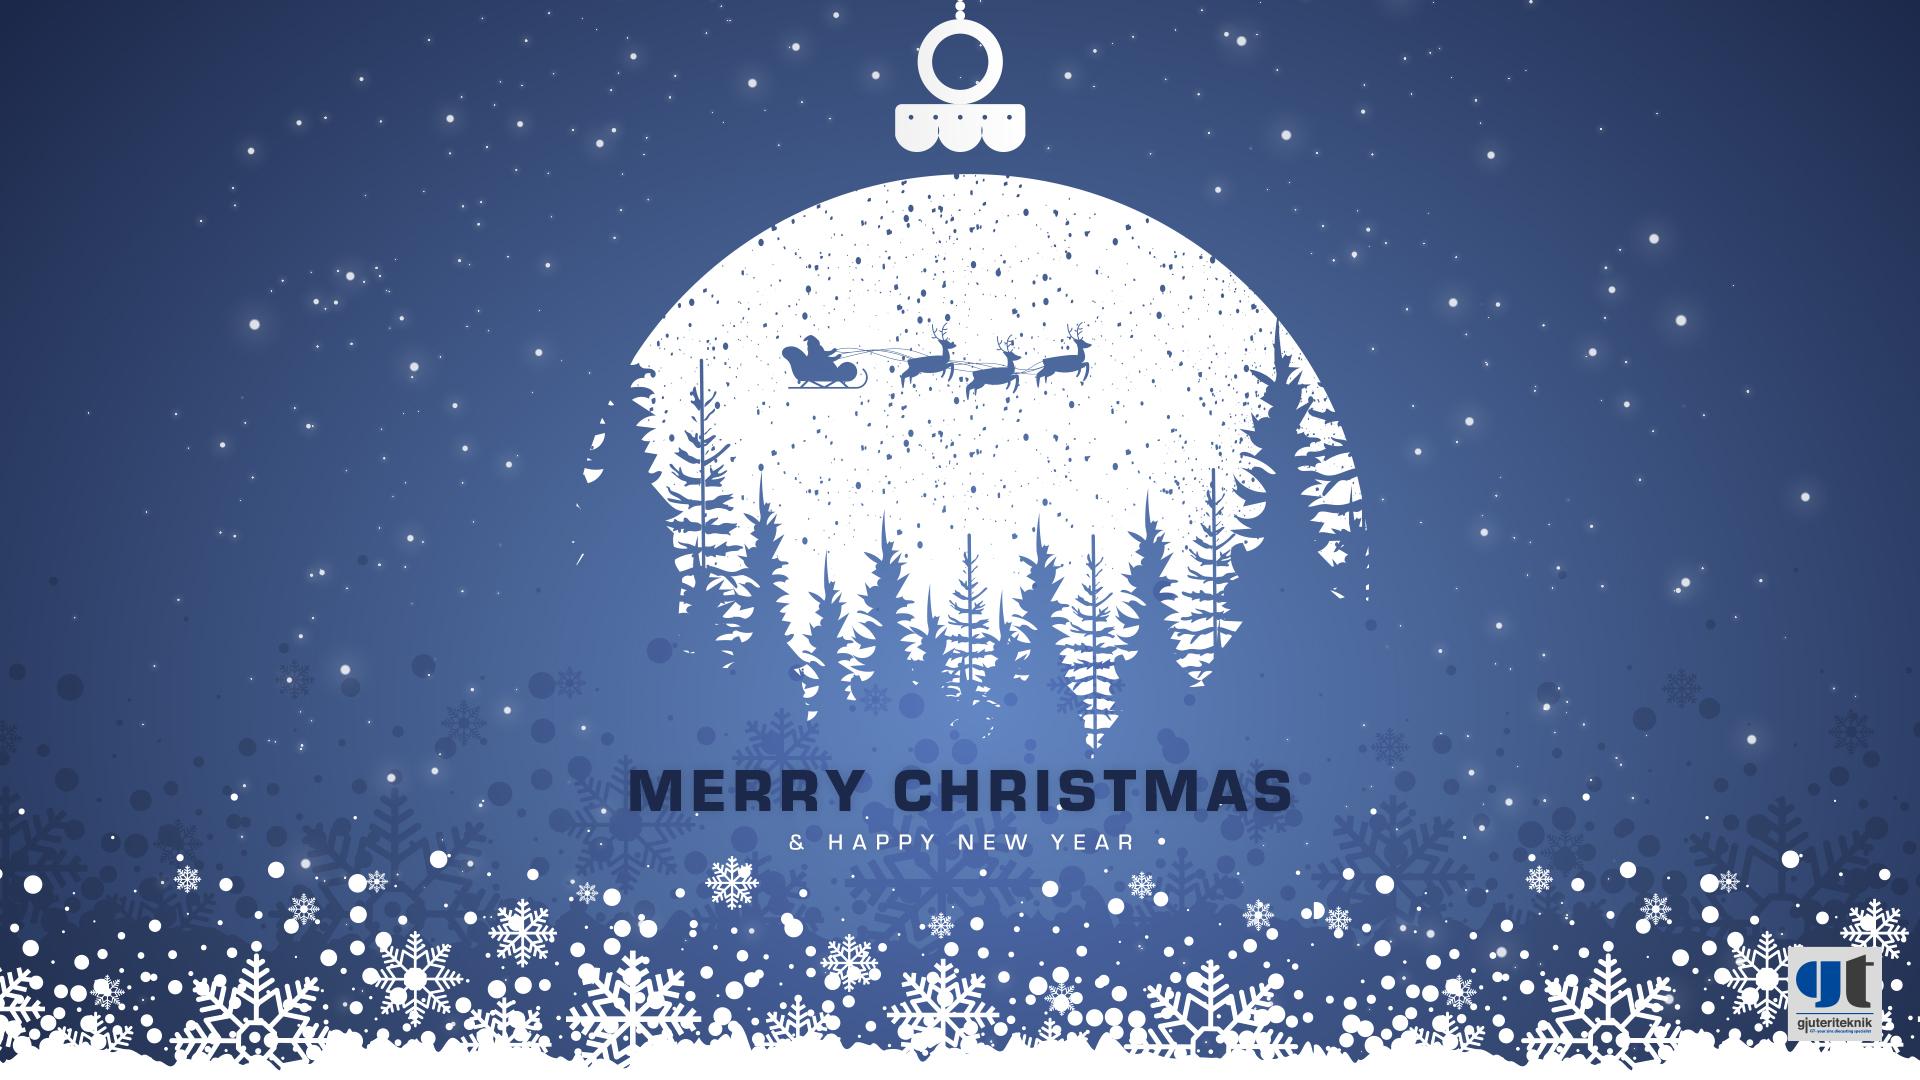 GT_Christmas20_NY.jpg